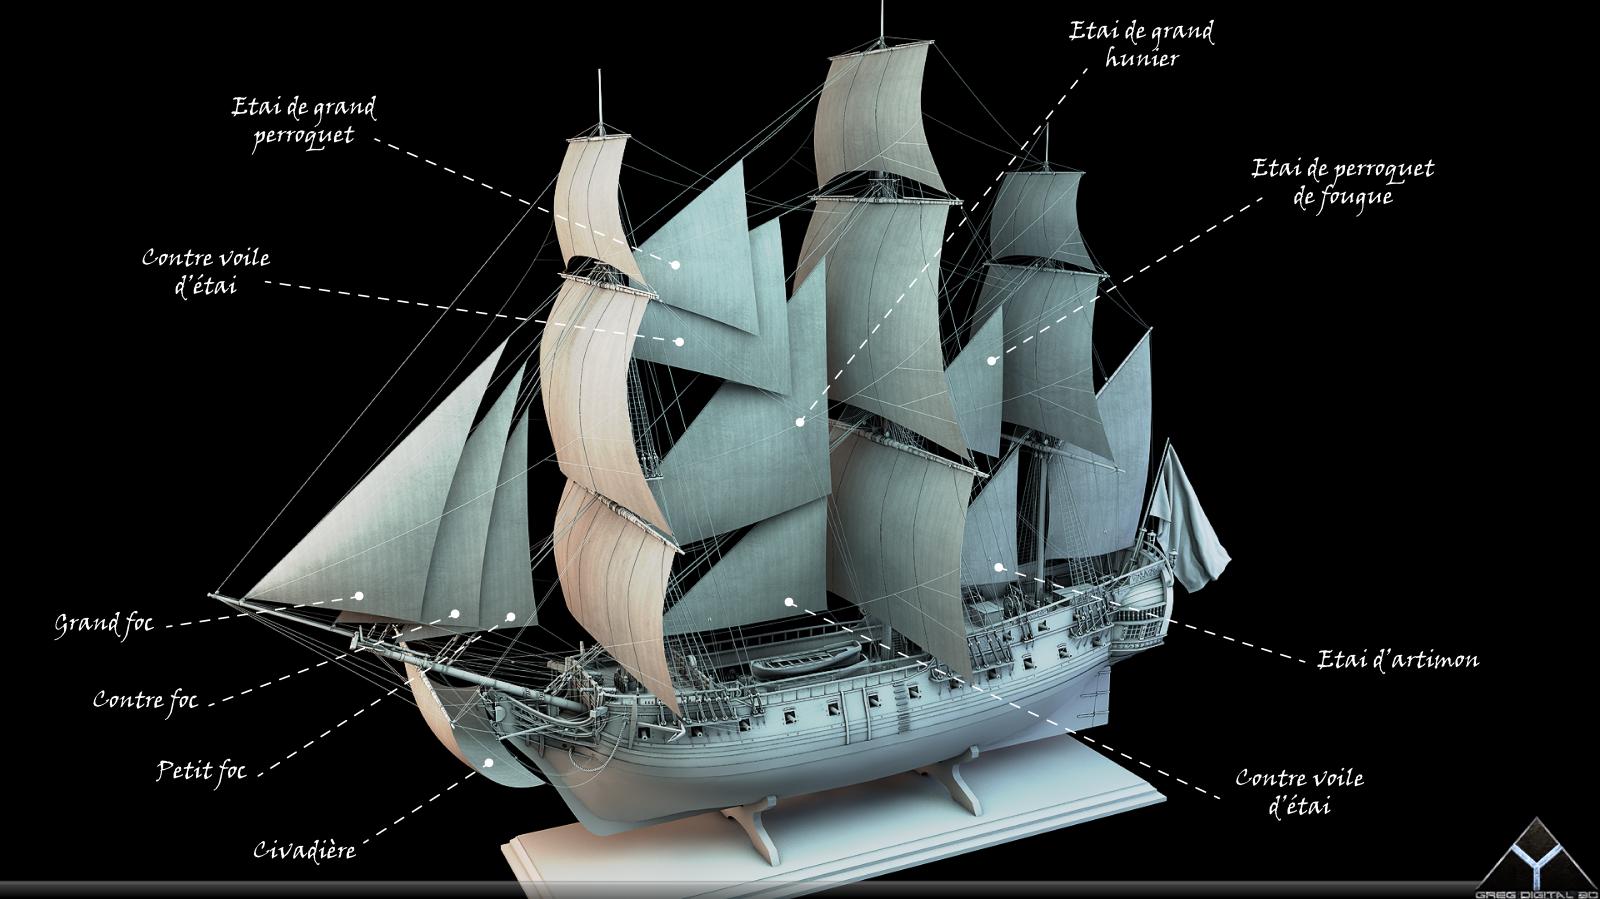 Frégate m'a première réalisation d'un navire en 3D. - Page 6 814379FrgatelightroomR16voiles2